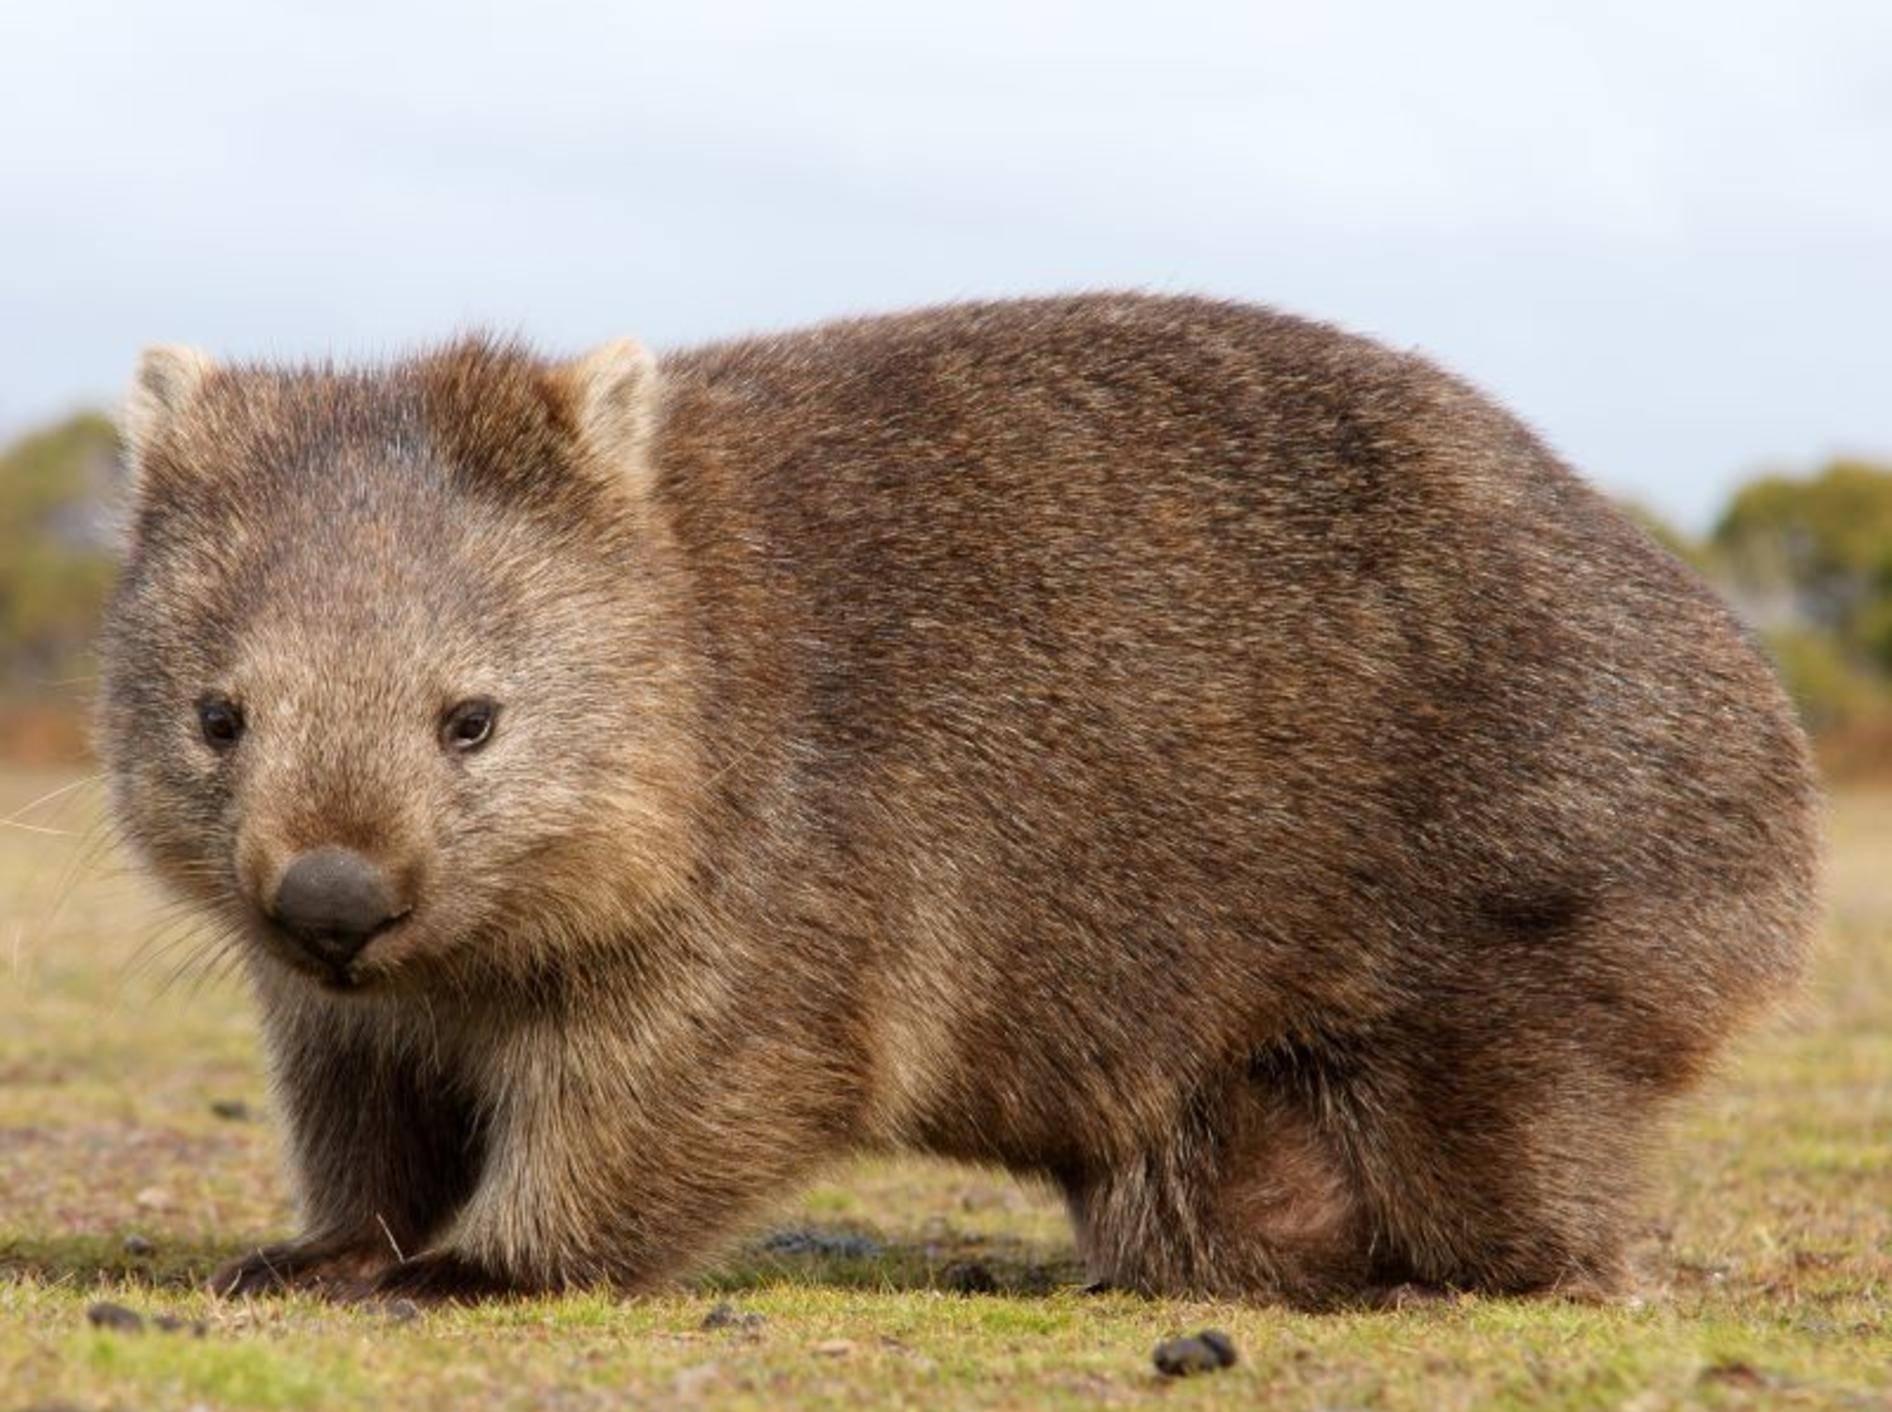 Bär oder Wombat? Dieser kleine Australien-Bewohner könnte beides sein – Bild: Shutterstock / Marco Tomasini